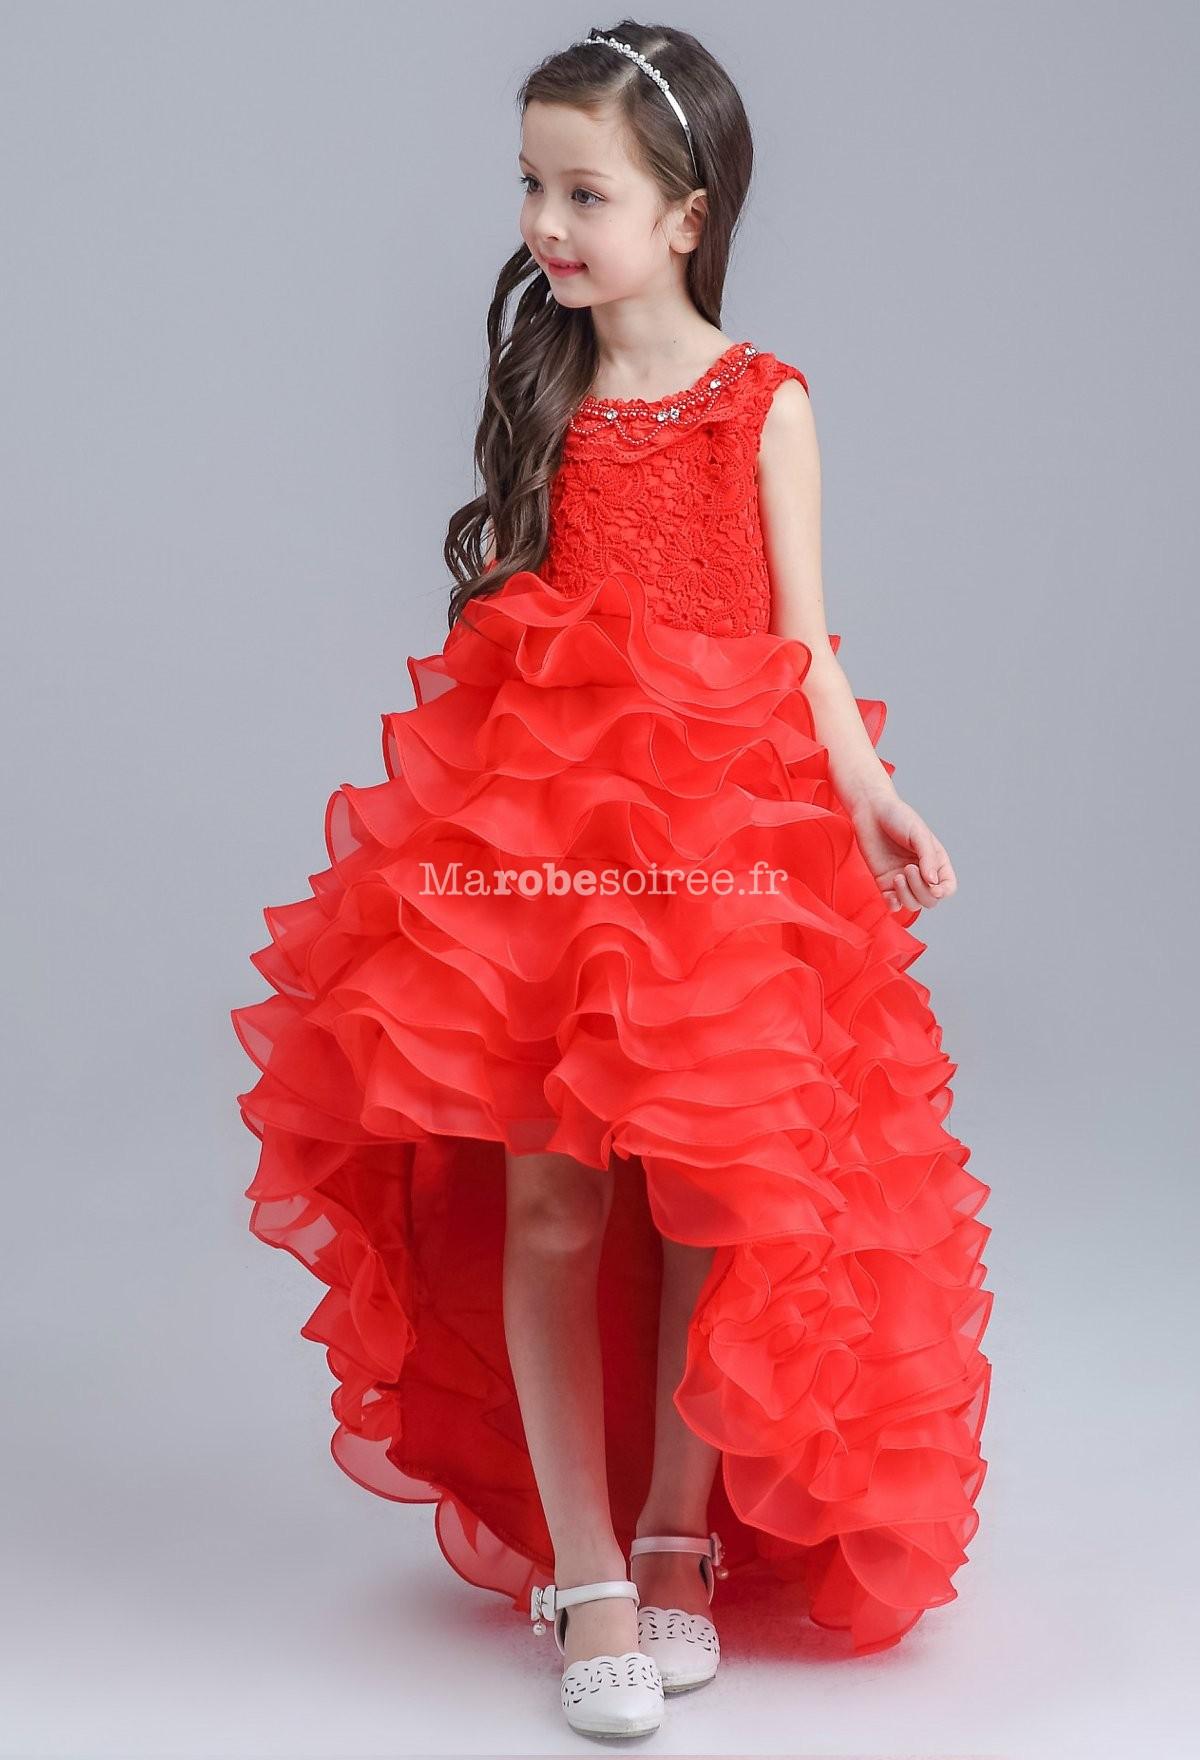 1199f253e98d4 ... Magnifique robe blanche pour jeune fille longueur asymétrique  Rouge ...